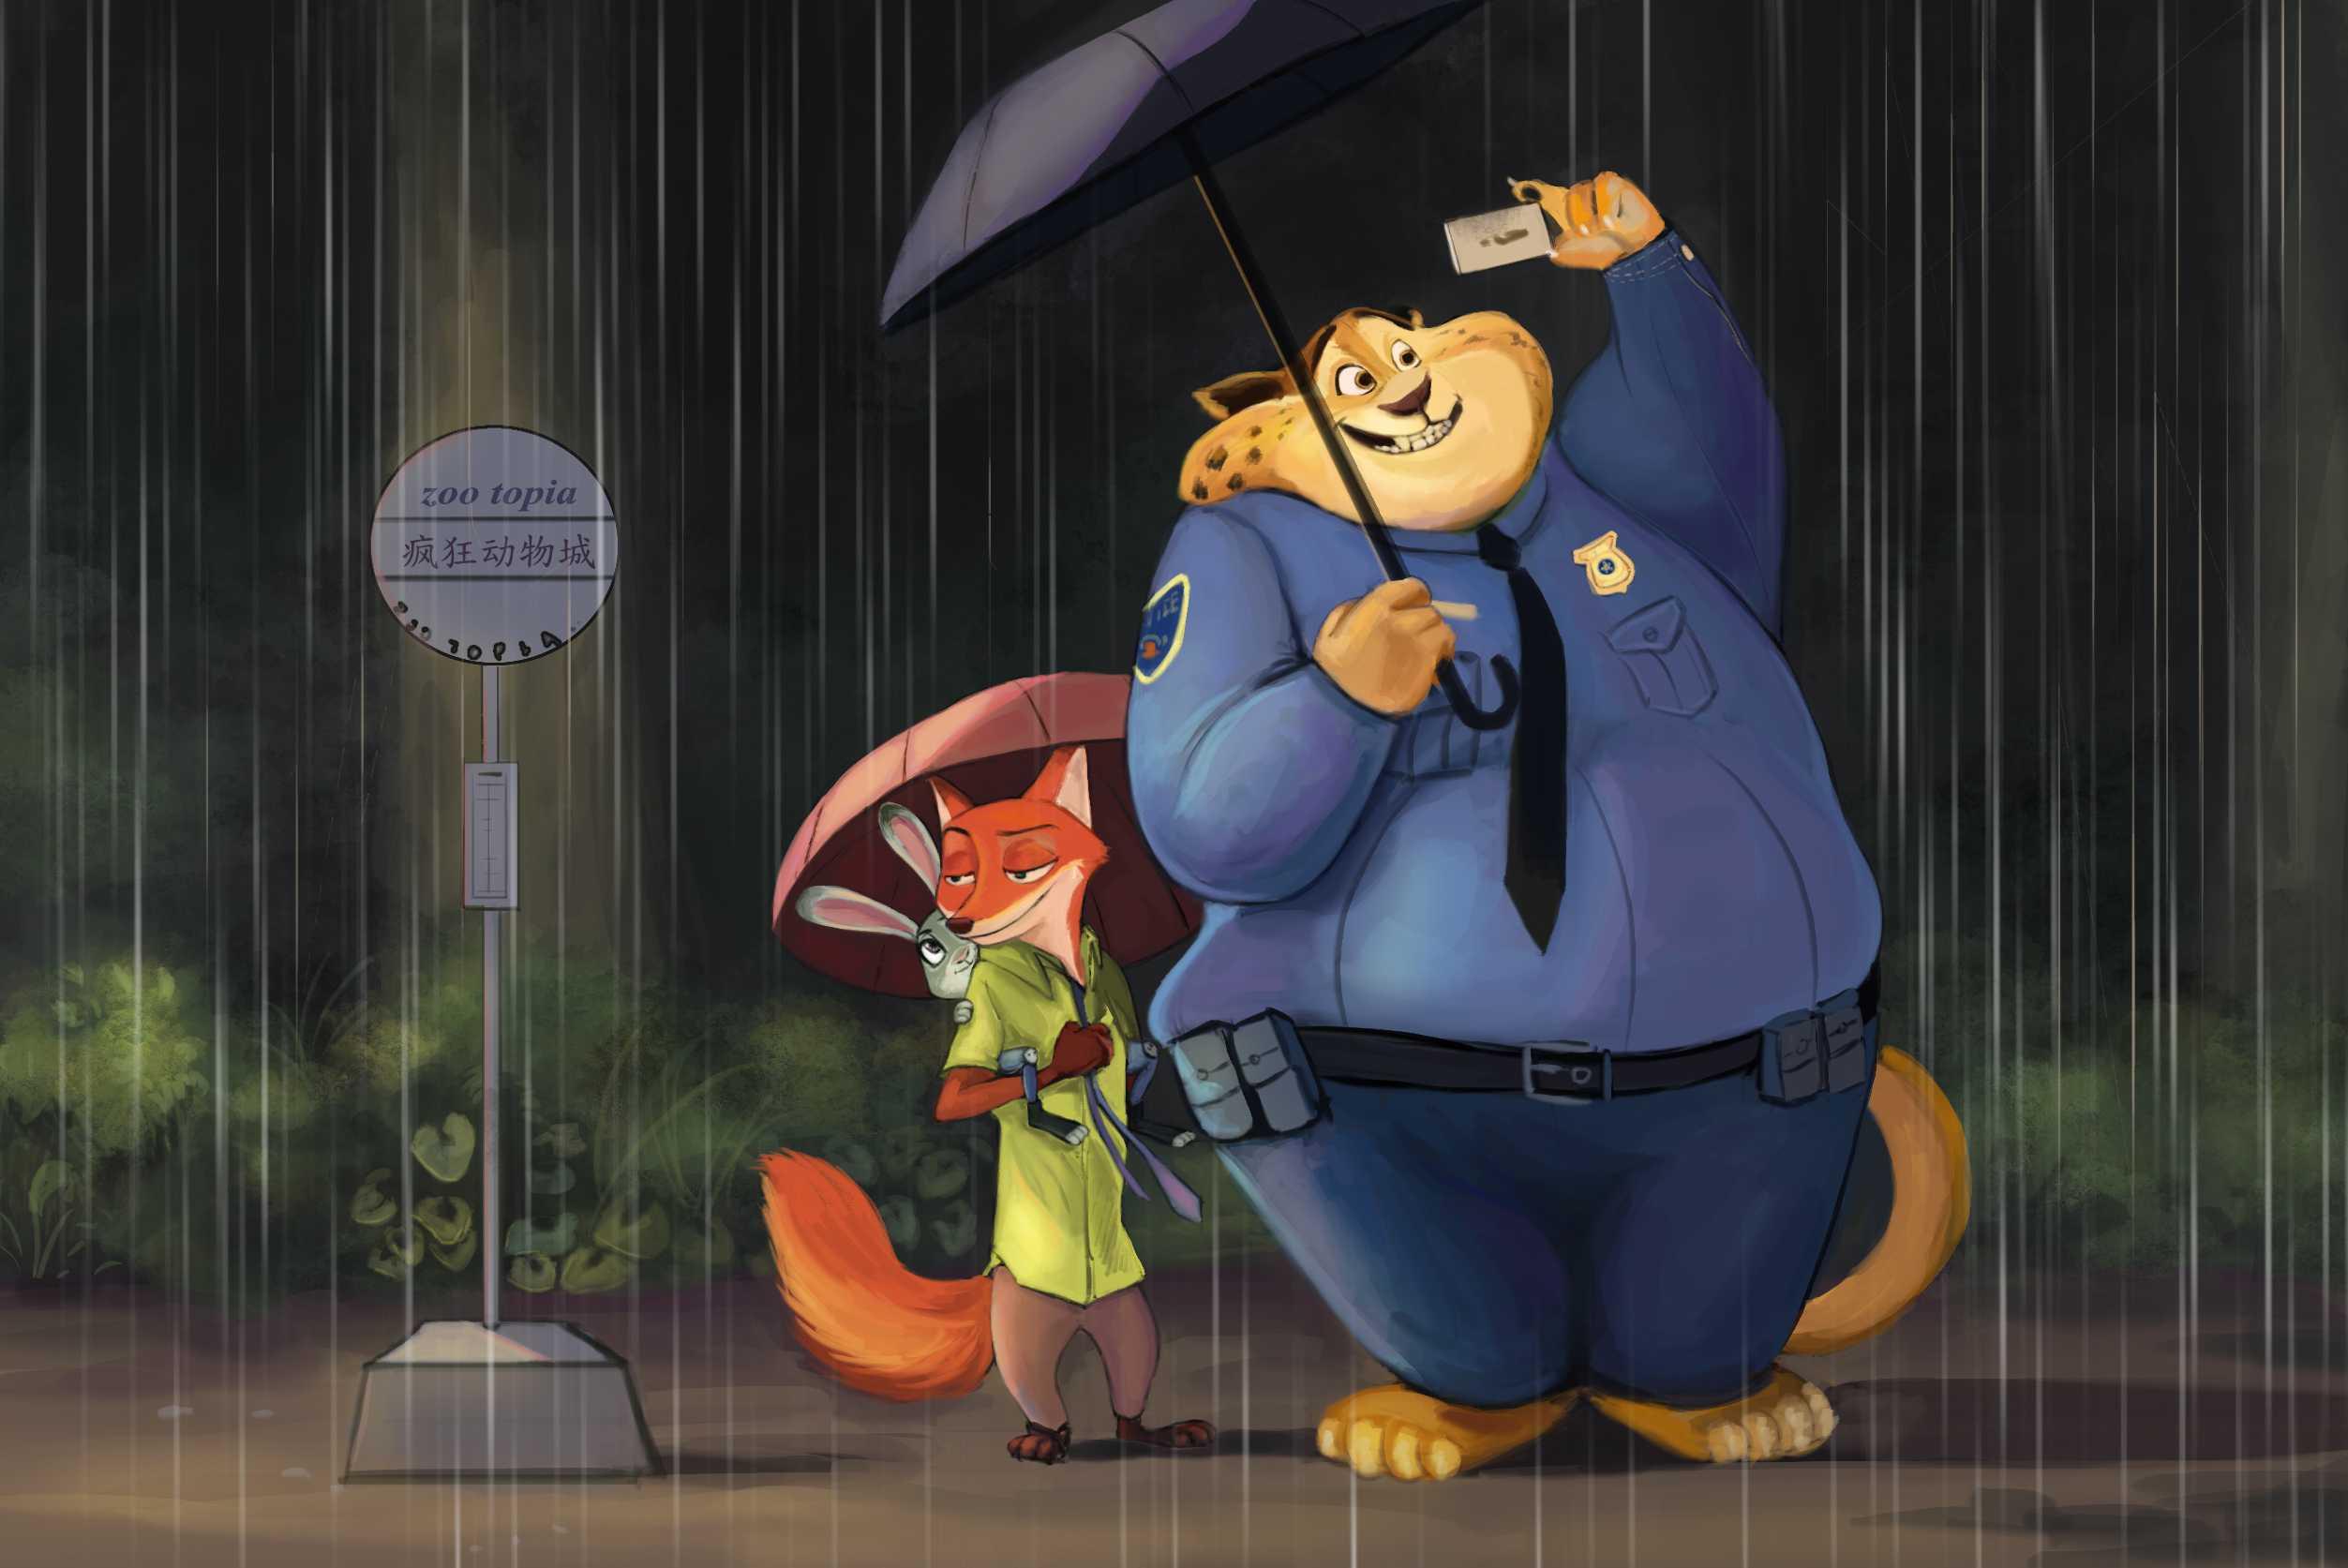 龙猫—疯狂动物城 126 2016-03-16 发布 分类: 同人 标签: 疯狂动物